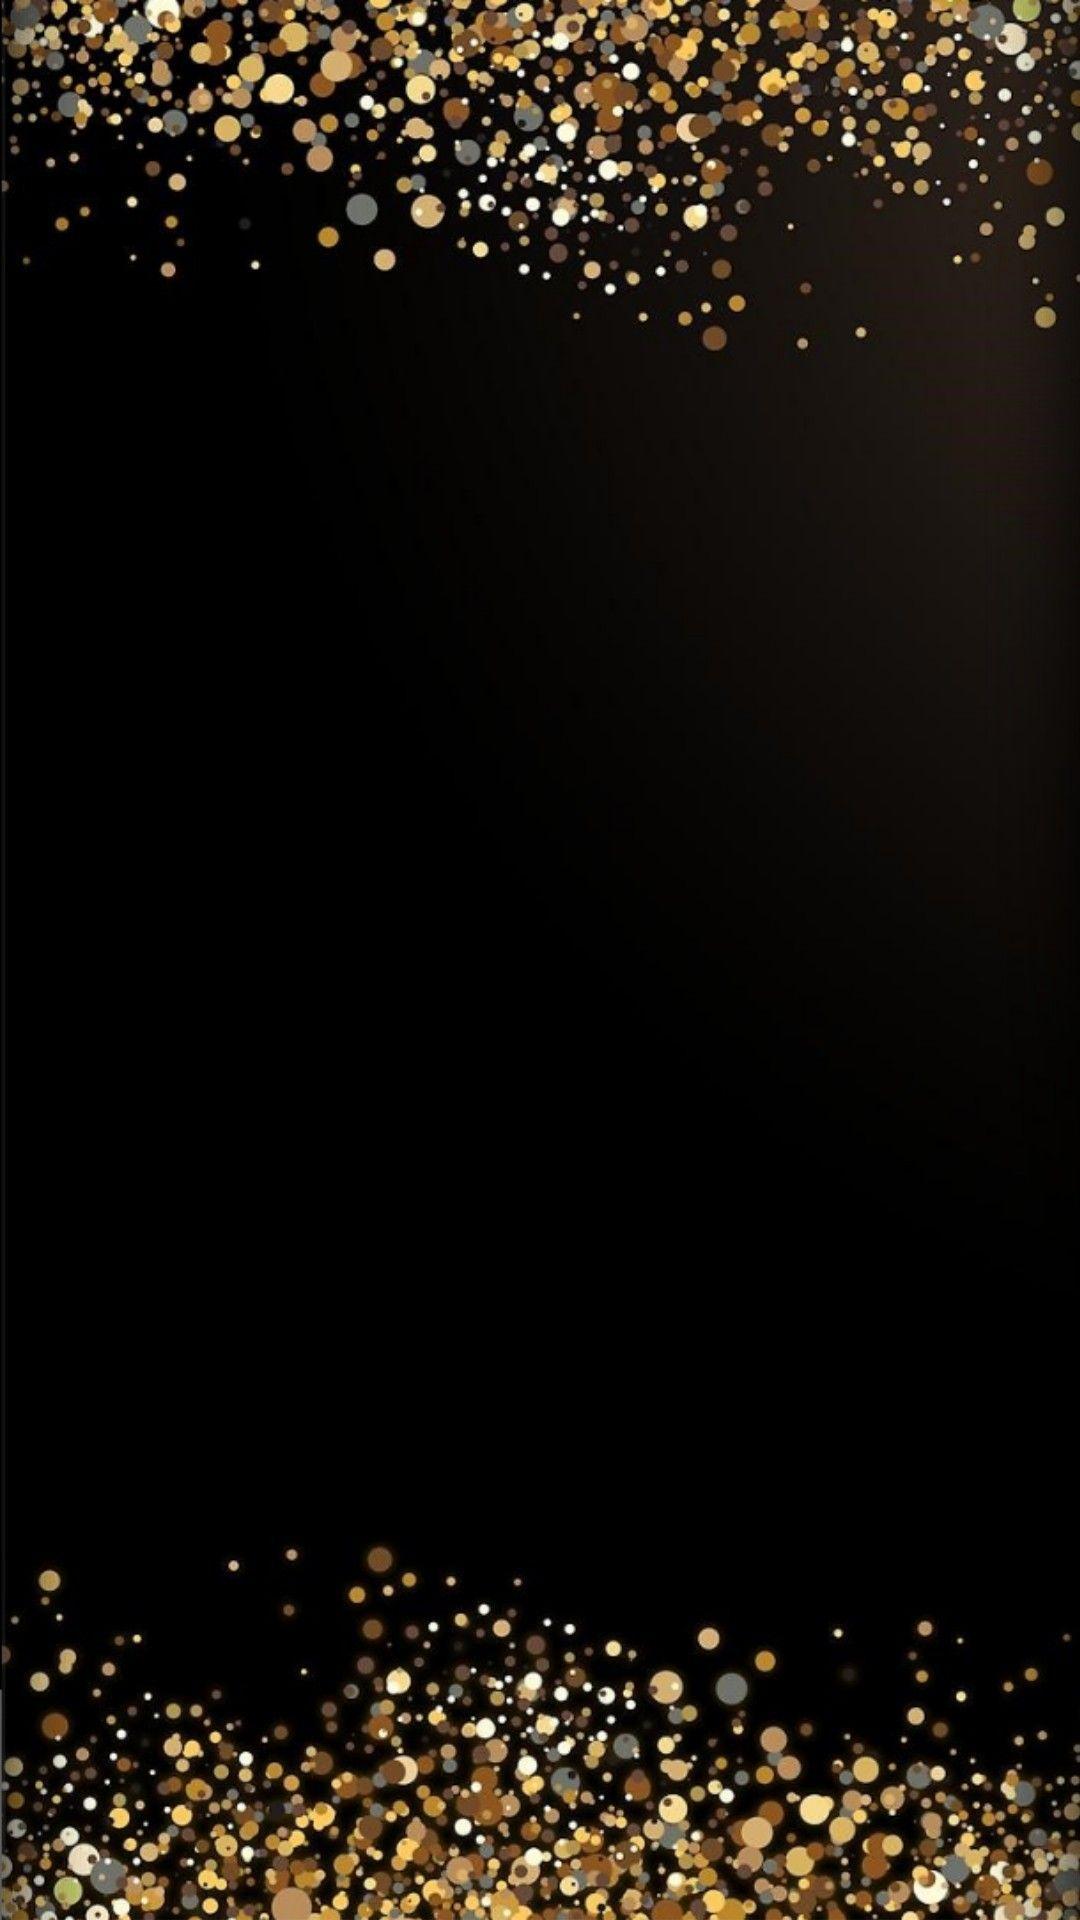 Com Um Olhar Nos Vimos Com Palavras Nos Conhecemos Parente A Deus Decidimos Que Um Do Outro Serem Black Glitter Wallpapers Glitter Wallpaper Gold Wallpaper